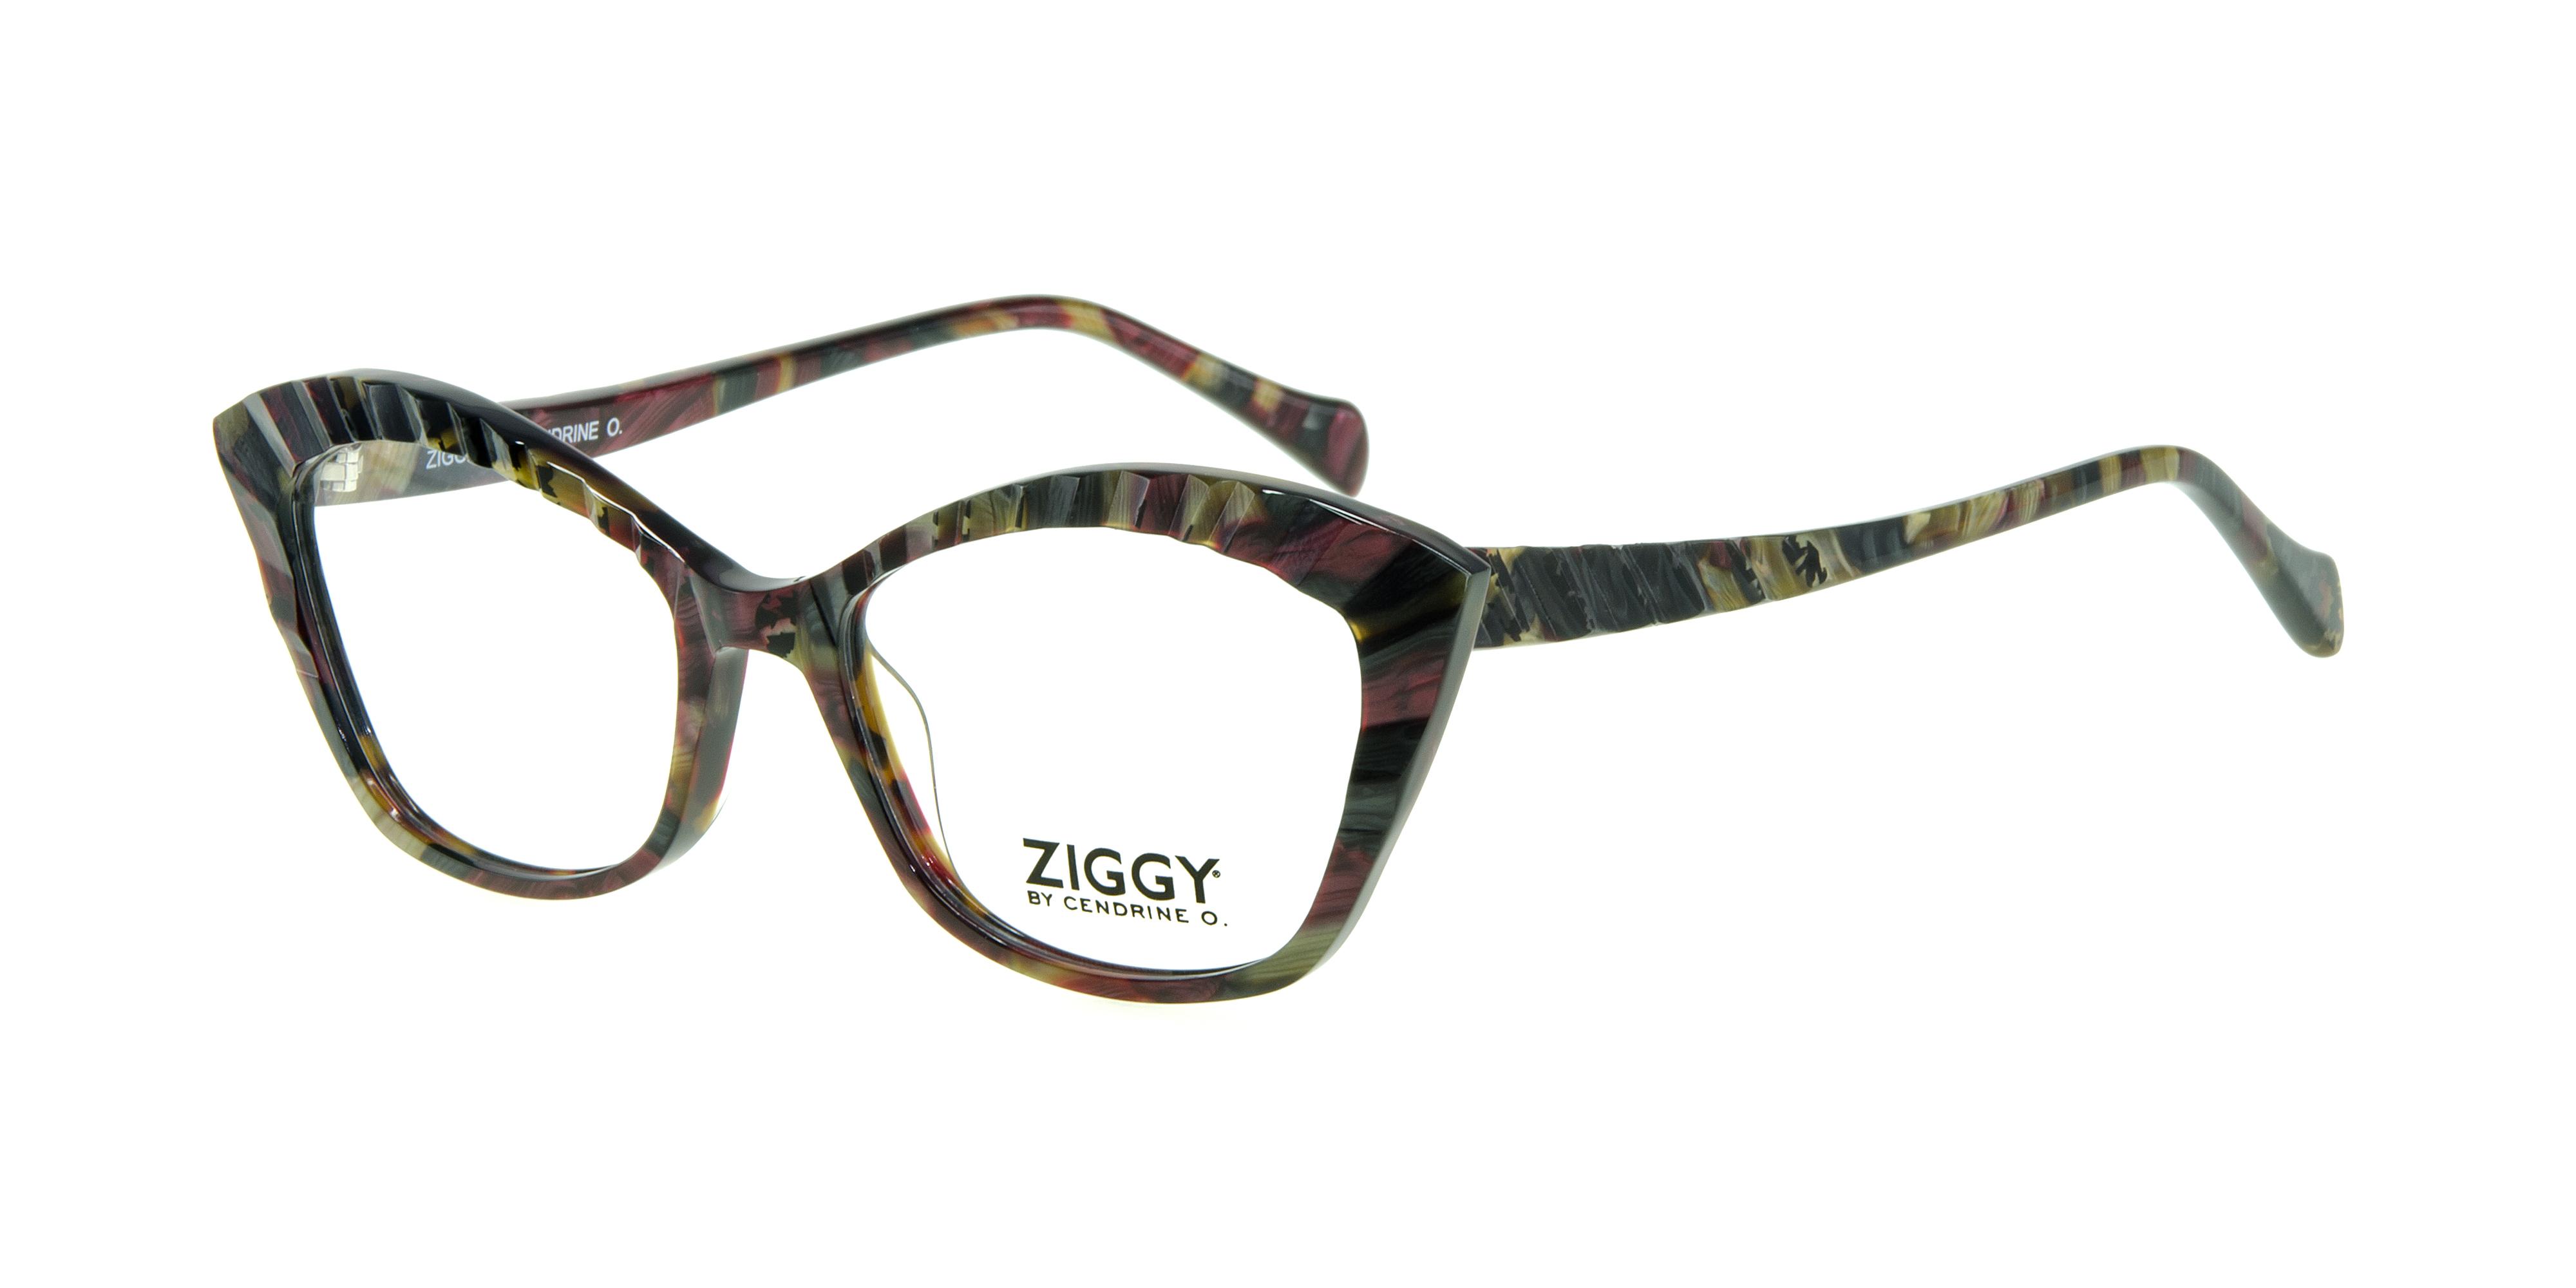 Ziggy – ZIG Eyewear